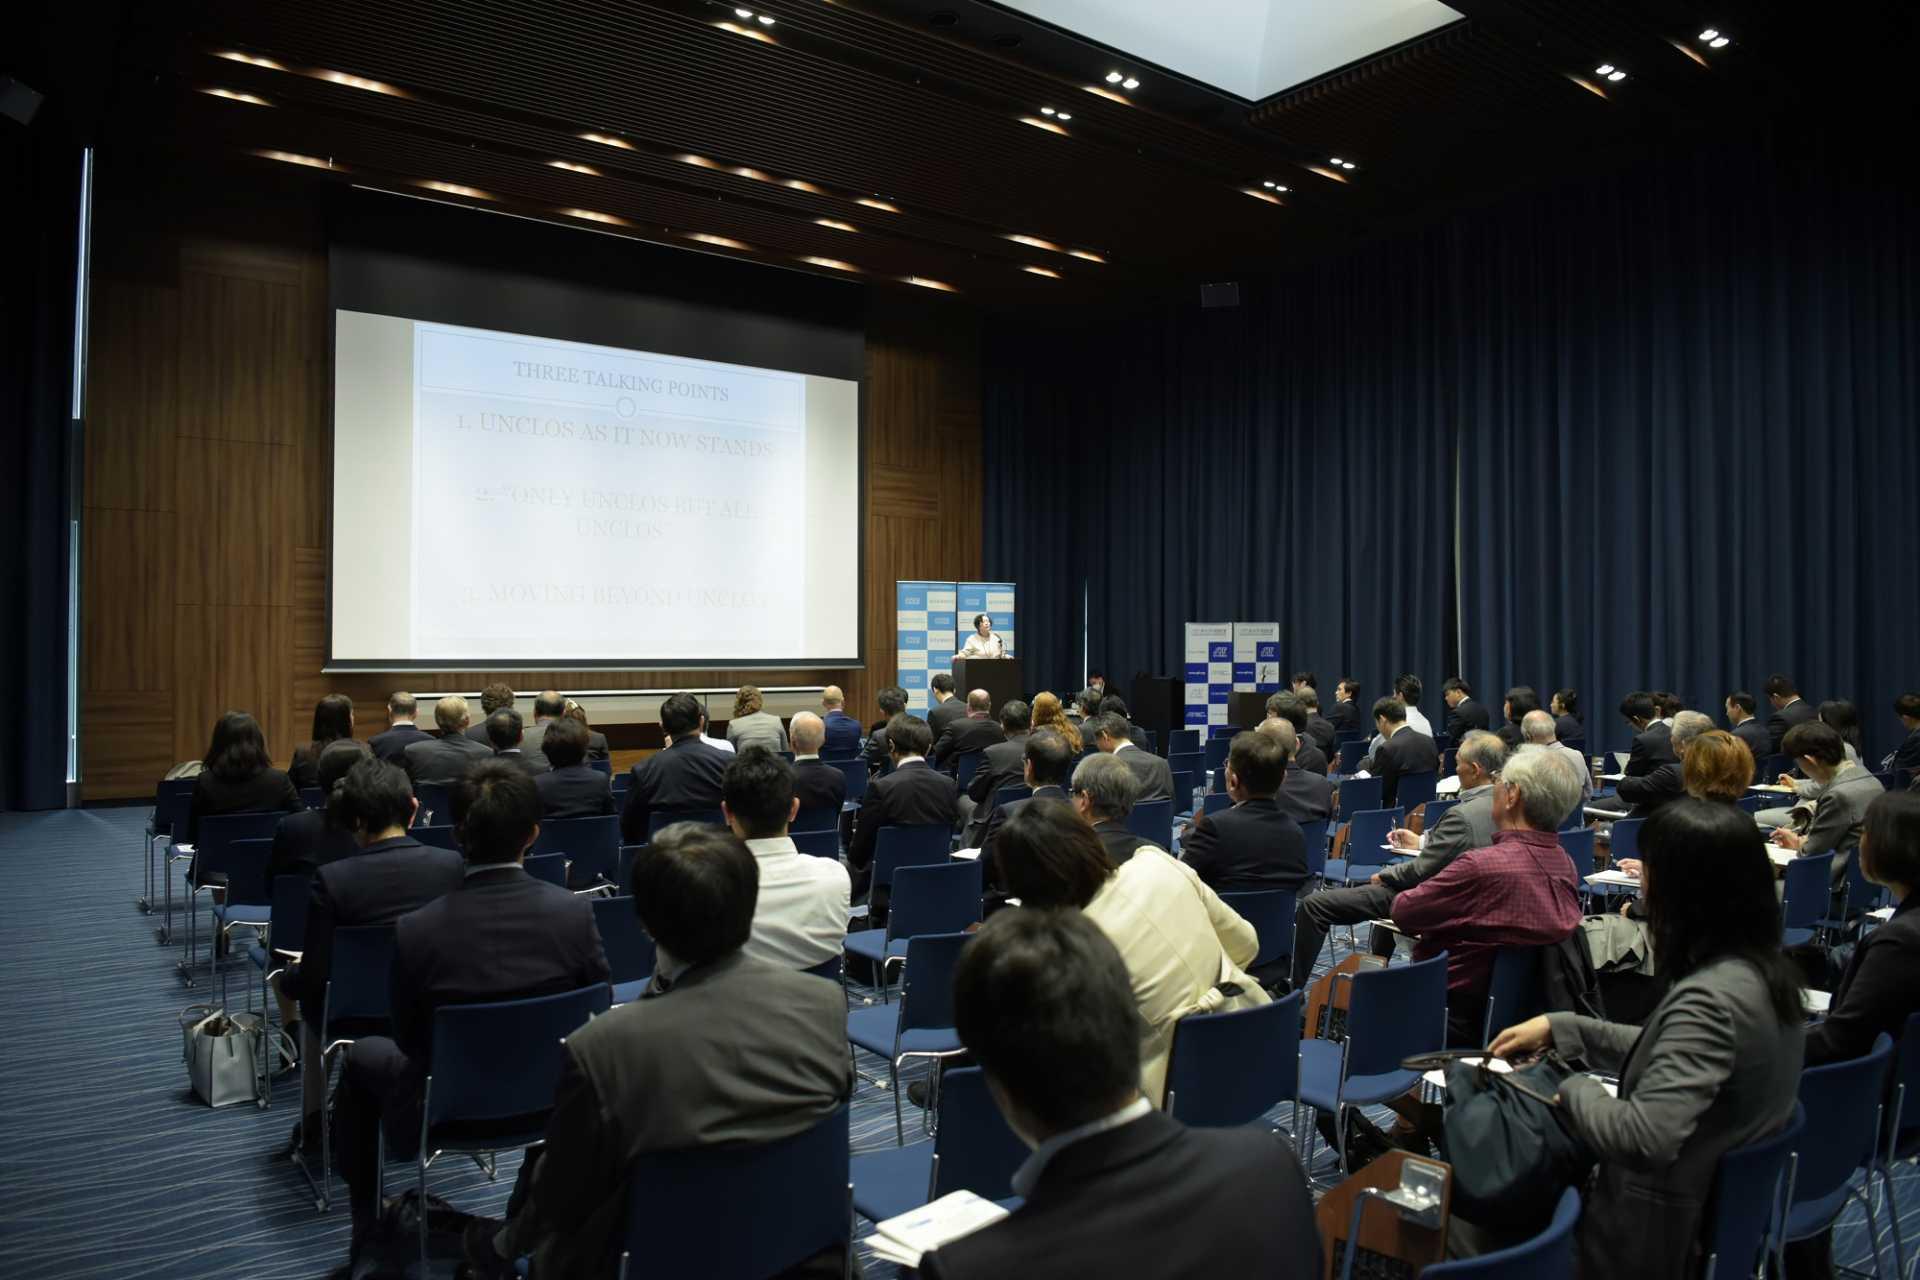 第6回海洋法に関する国際シンポジウム「国連海洋法条約(UNCLOS)発効25周年 ―より自律的・包括的な海洋秩序の実現に向けた挑戦と機会―」を開催